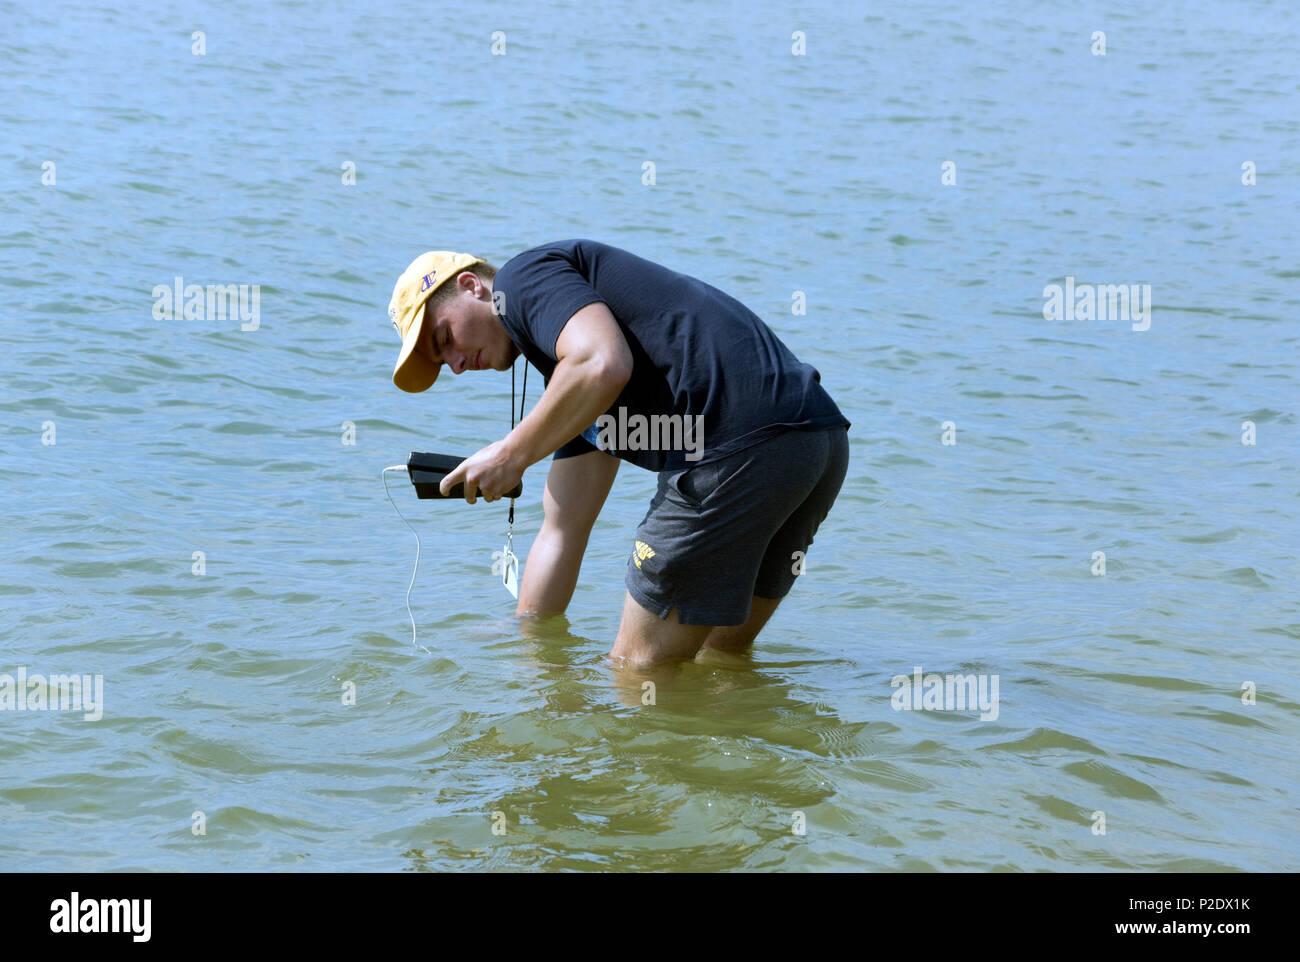 L'uomo prova temperatura acqua, qualità sul Lago Michigan beach per Wisconsin Dipartimento delle risorse naturali, le aziende sanitarie locali due fiumi, WI Immagini Stock